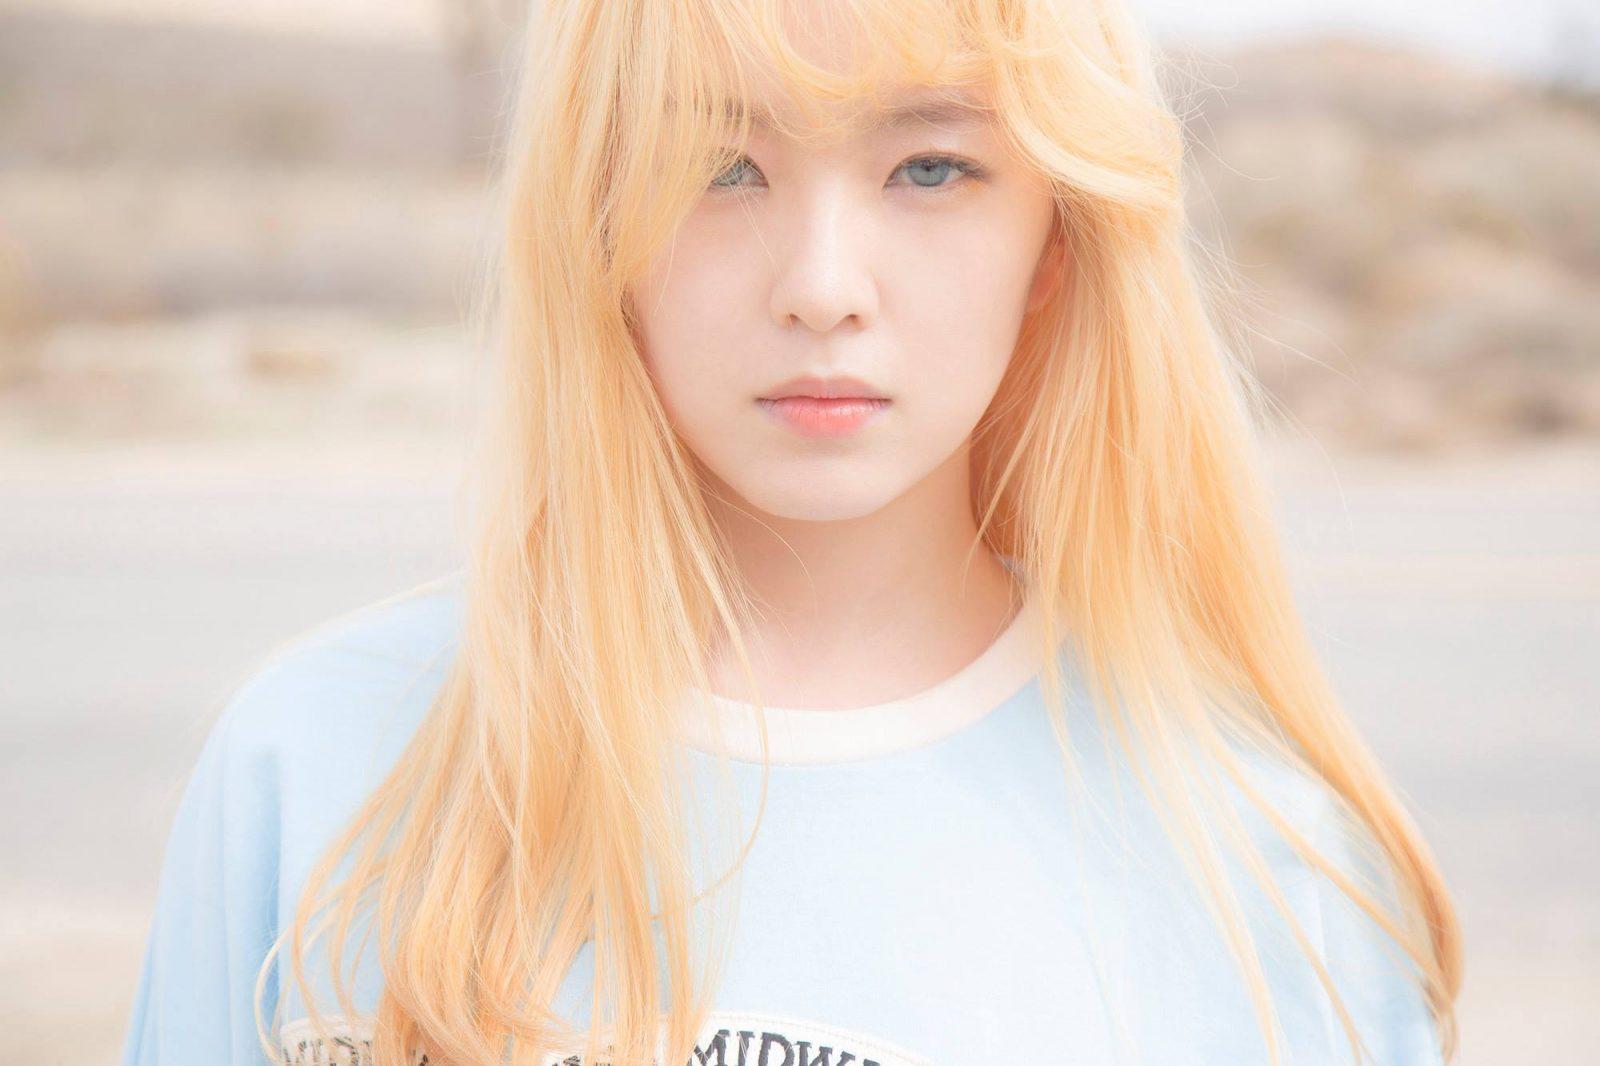 màu tóc đẹp tôn màu da